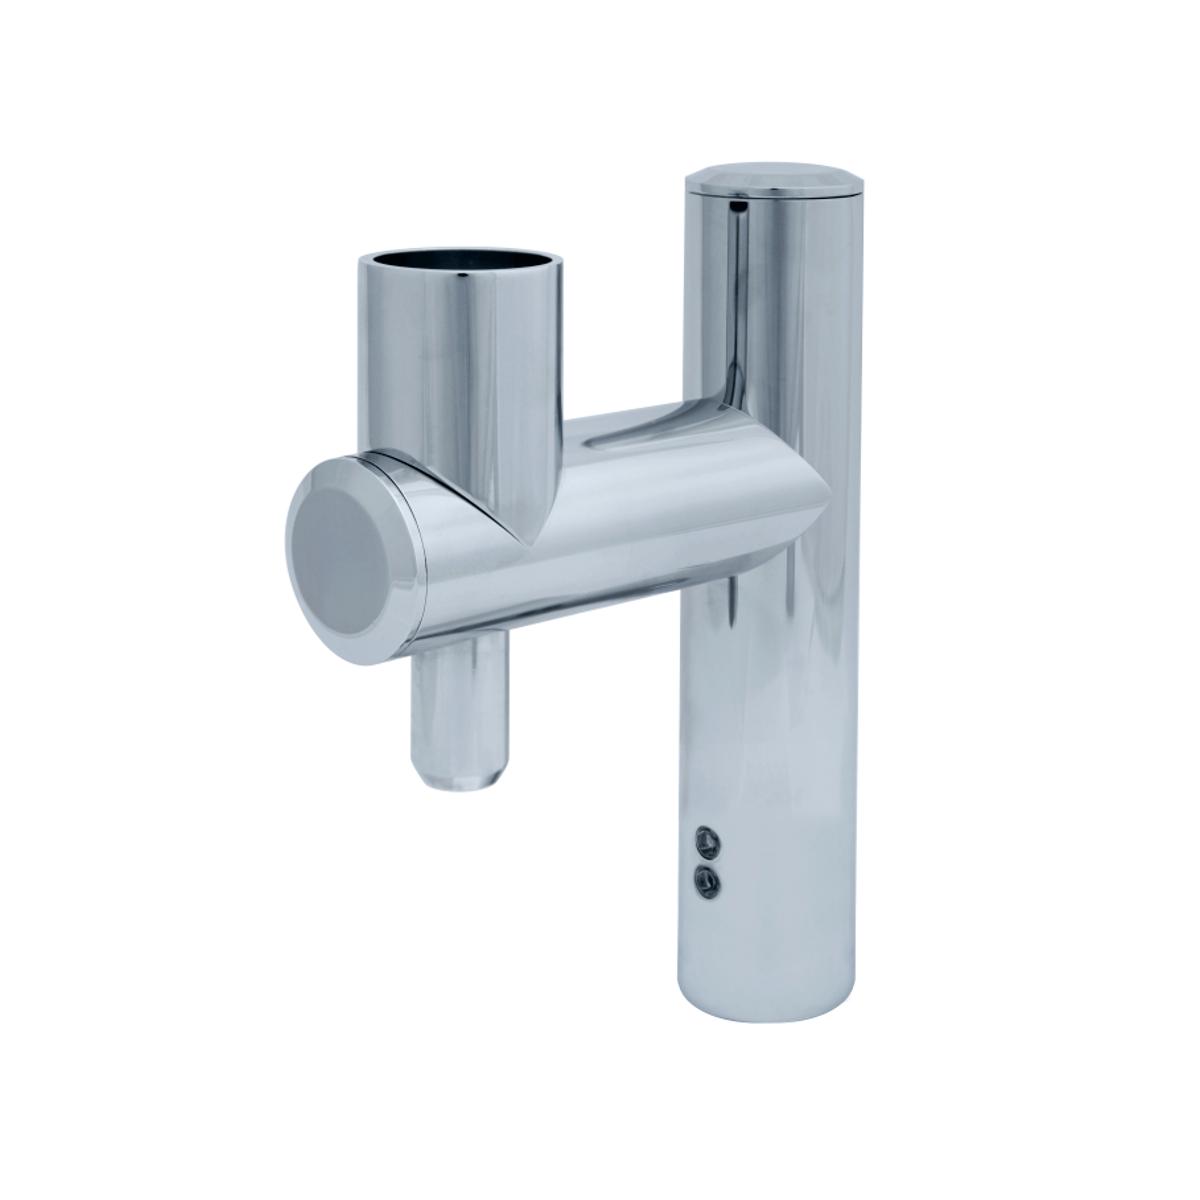 Sensorspender für Seife, Desinfektion, Creme IT 1000 F EURO 2 Tischmontage